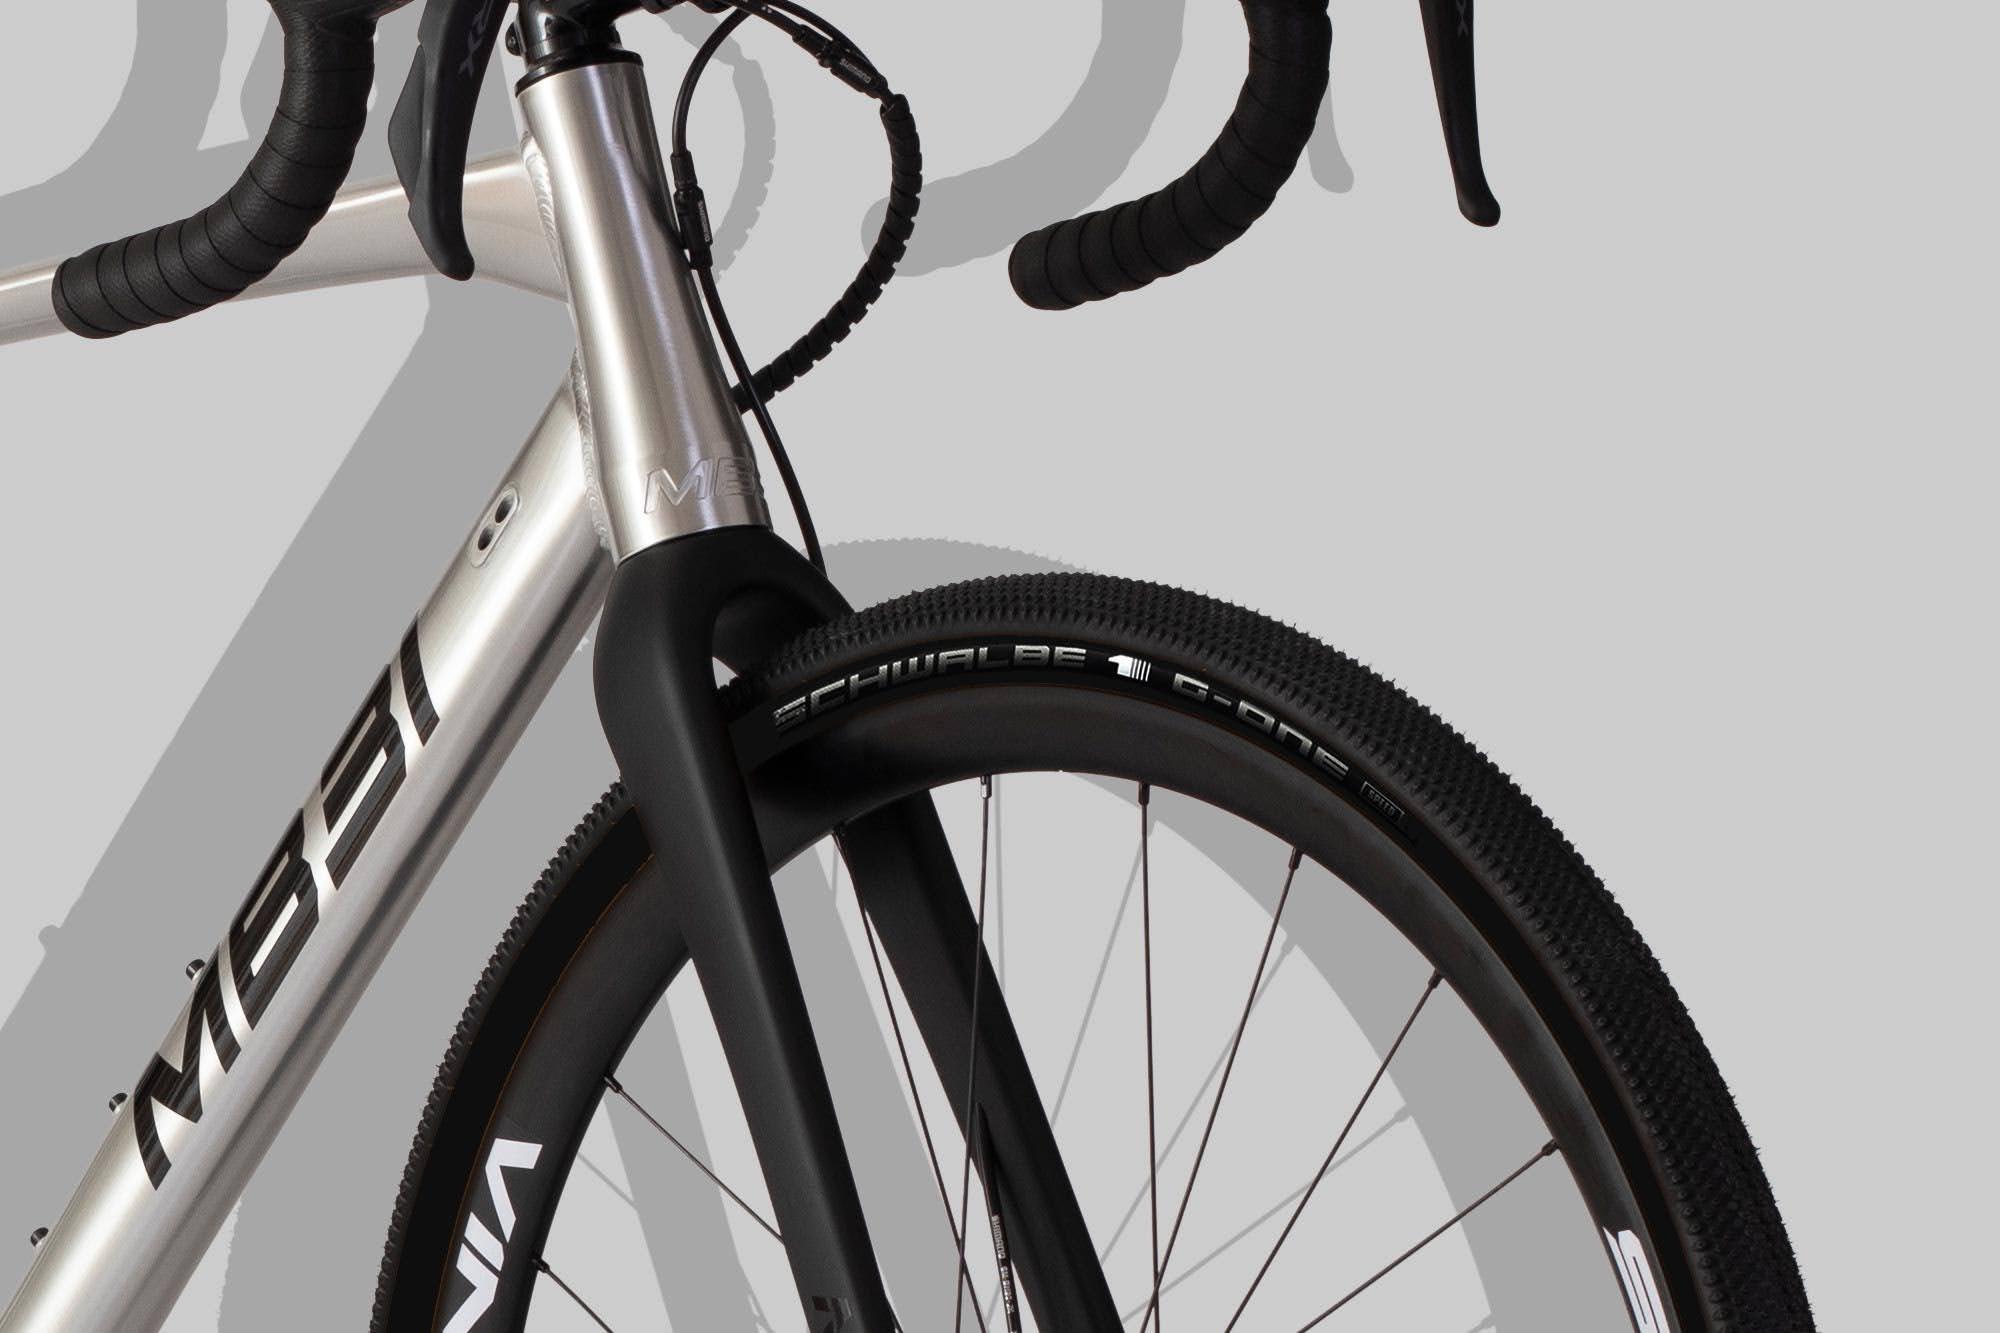 MB31 gruscykel med Schwalbe G-One Speed däck